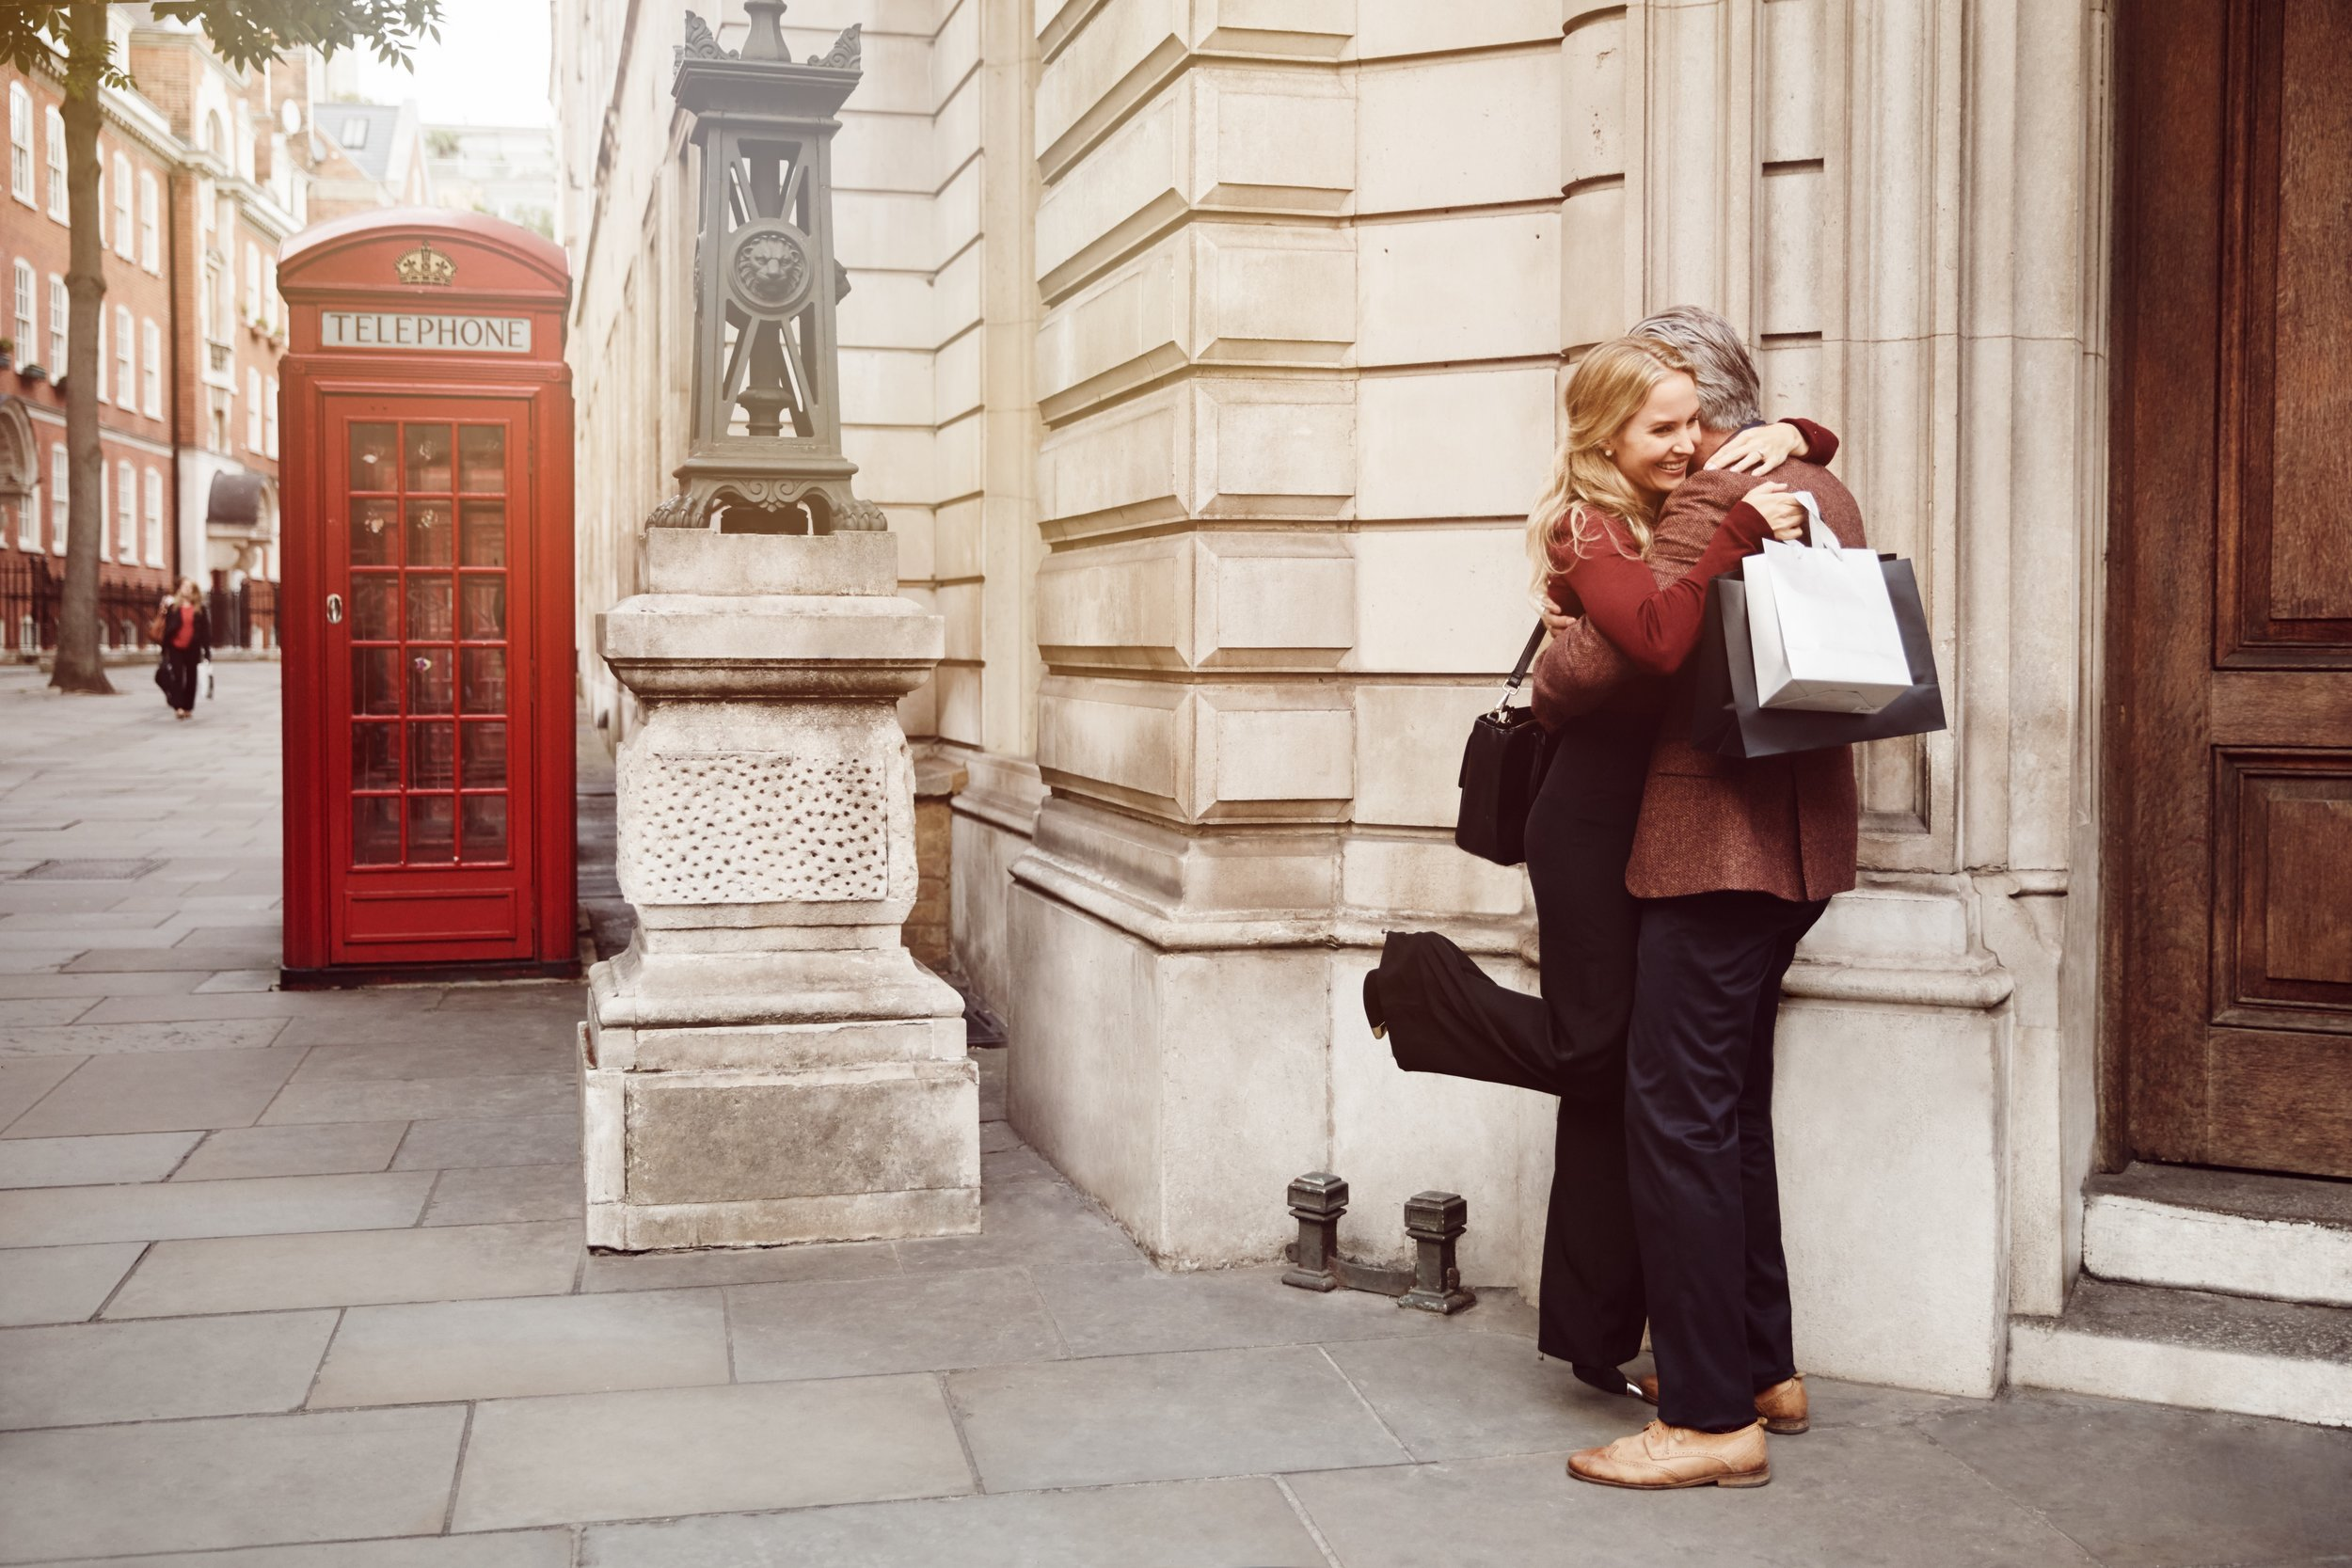 HubertKang-Fairmont-London-Day1-0824-V2.jpg